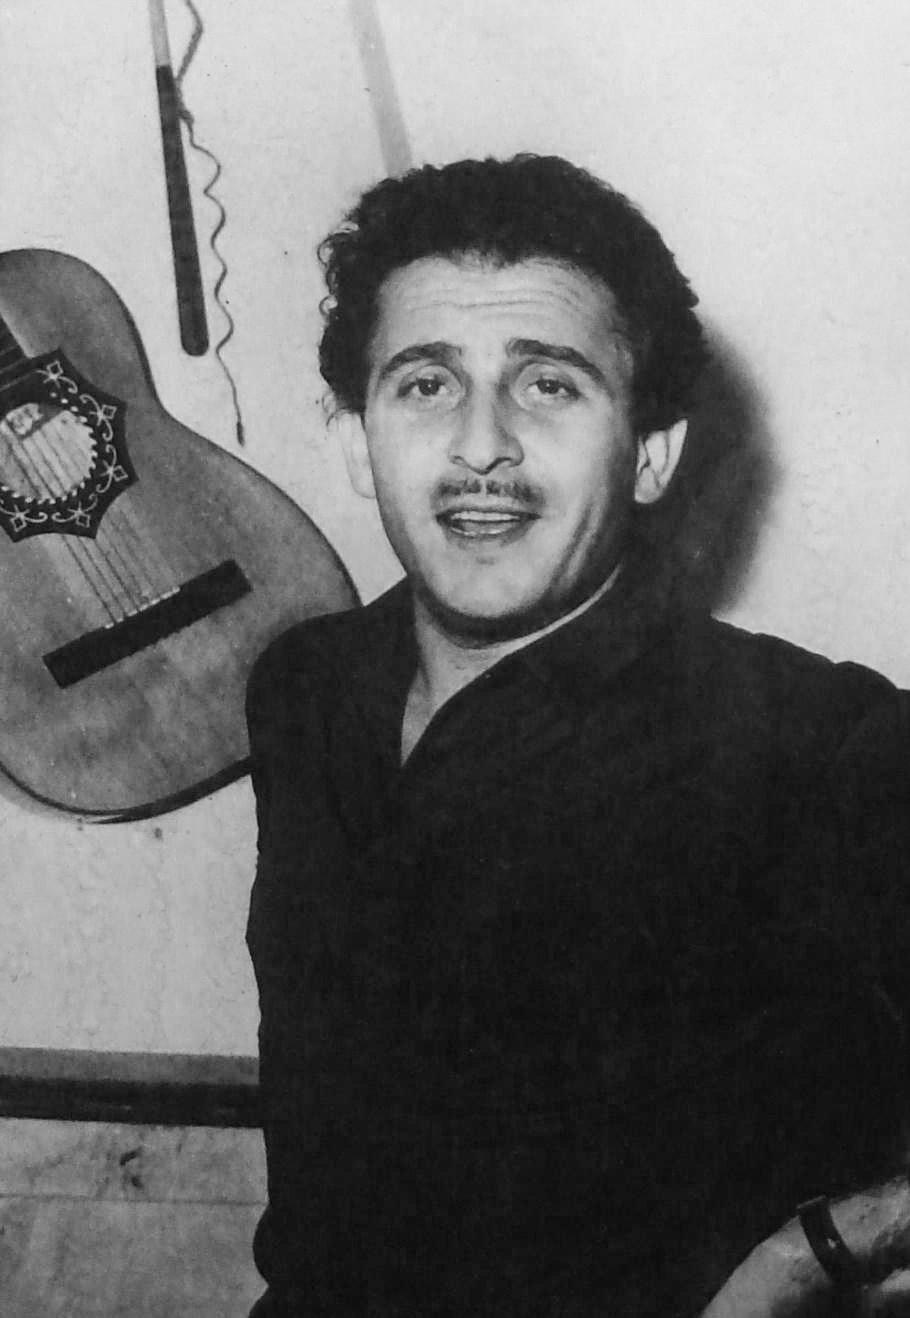 Domenico Modugno - Wikipedia